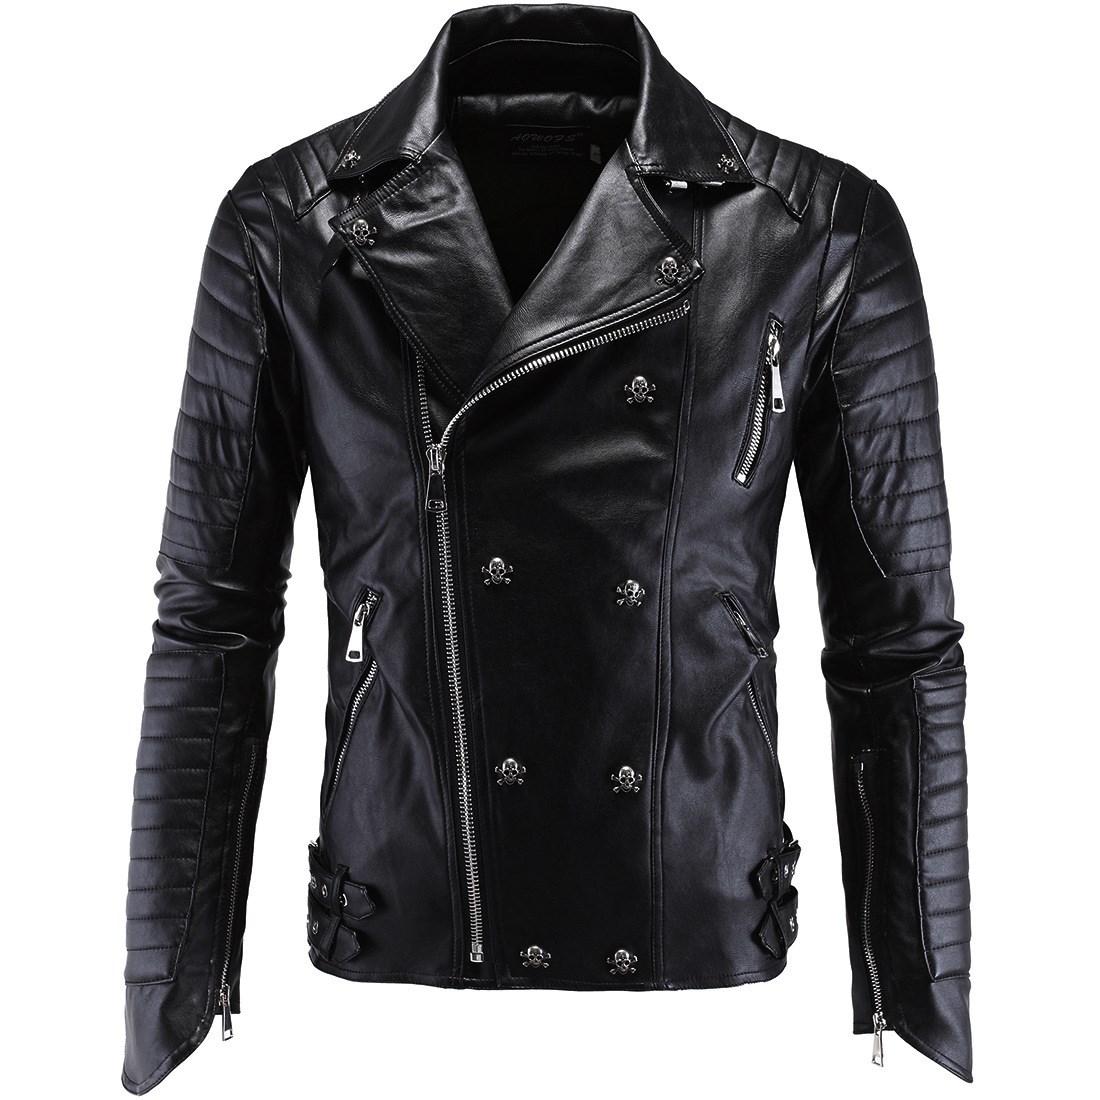 男士朋克皮衣 Locomotive PU Leather Jacket 朋克男士皮衣机车修身哈雷皮夹克_推荐淘宝好看的男朋克皮衣